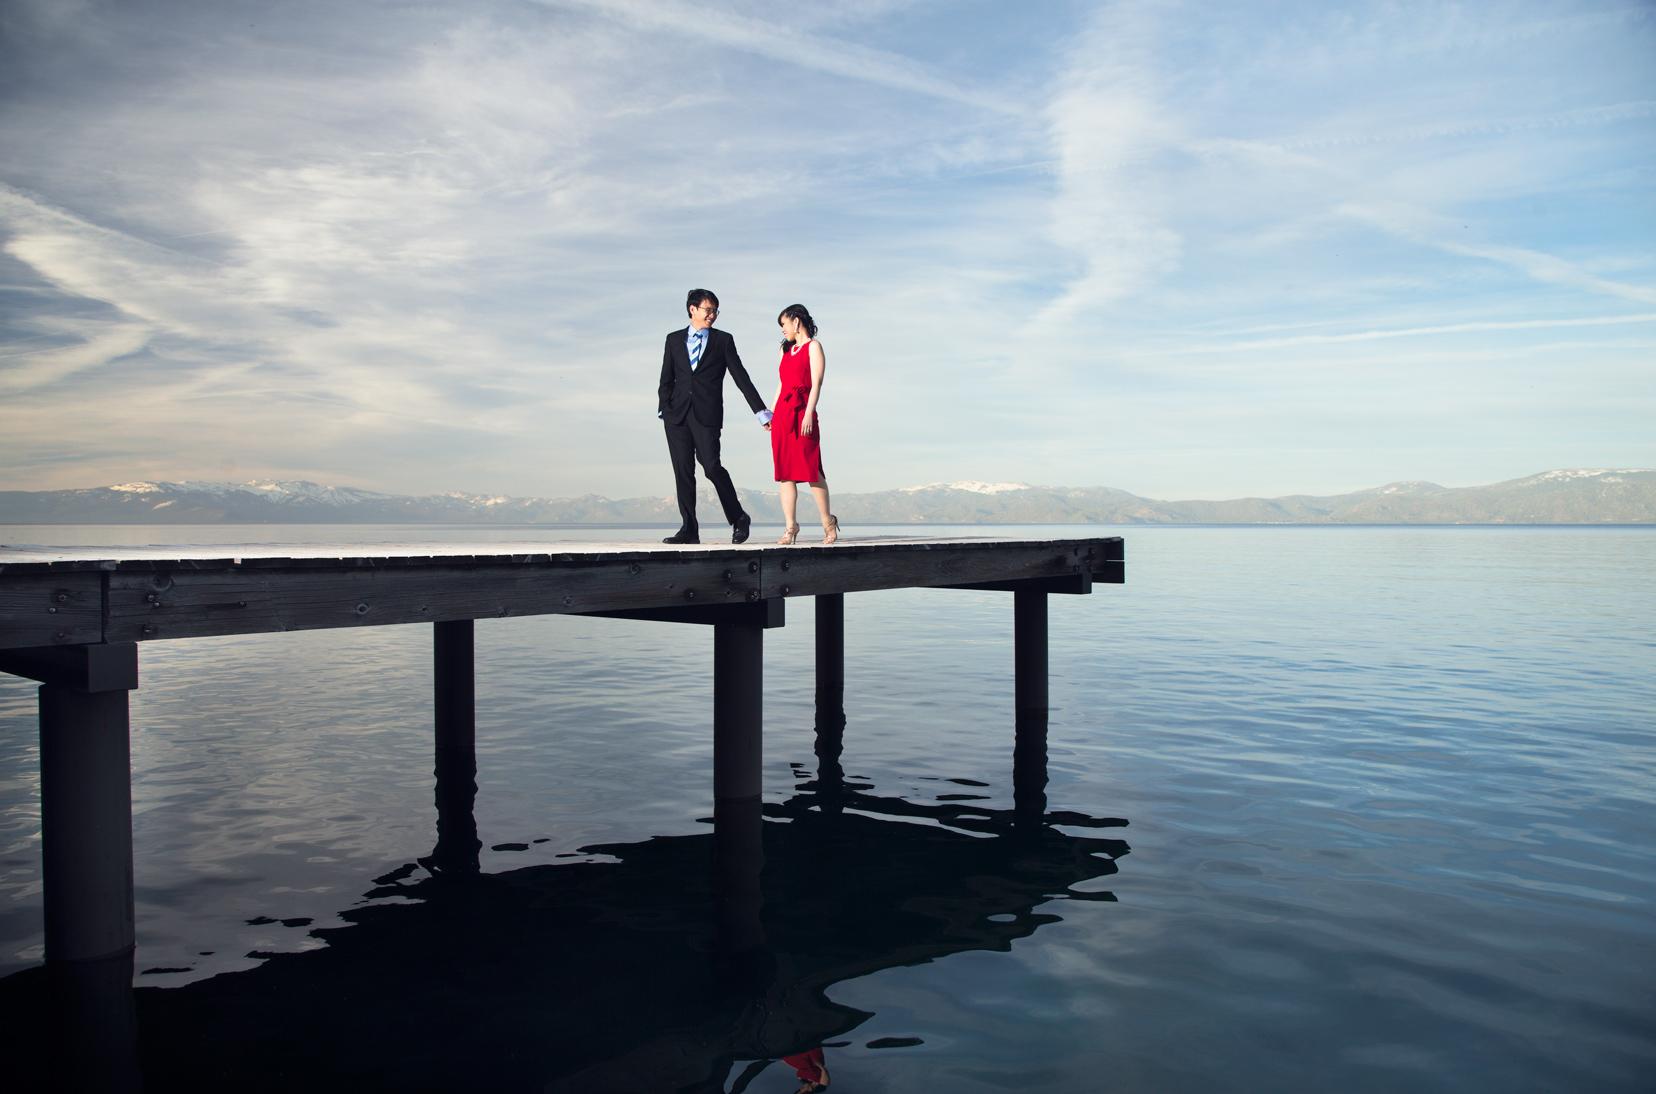 Lake-Tahoe-session-pier